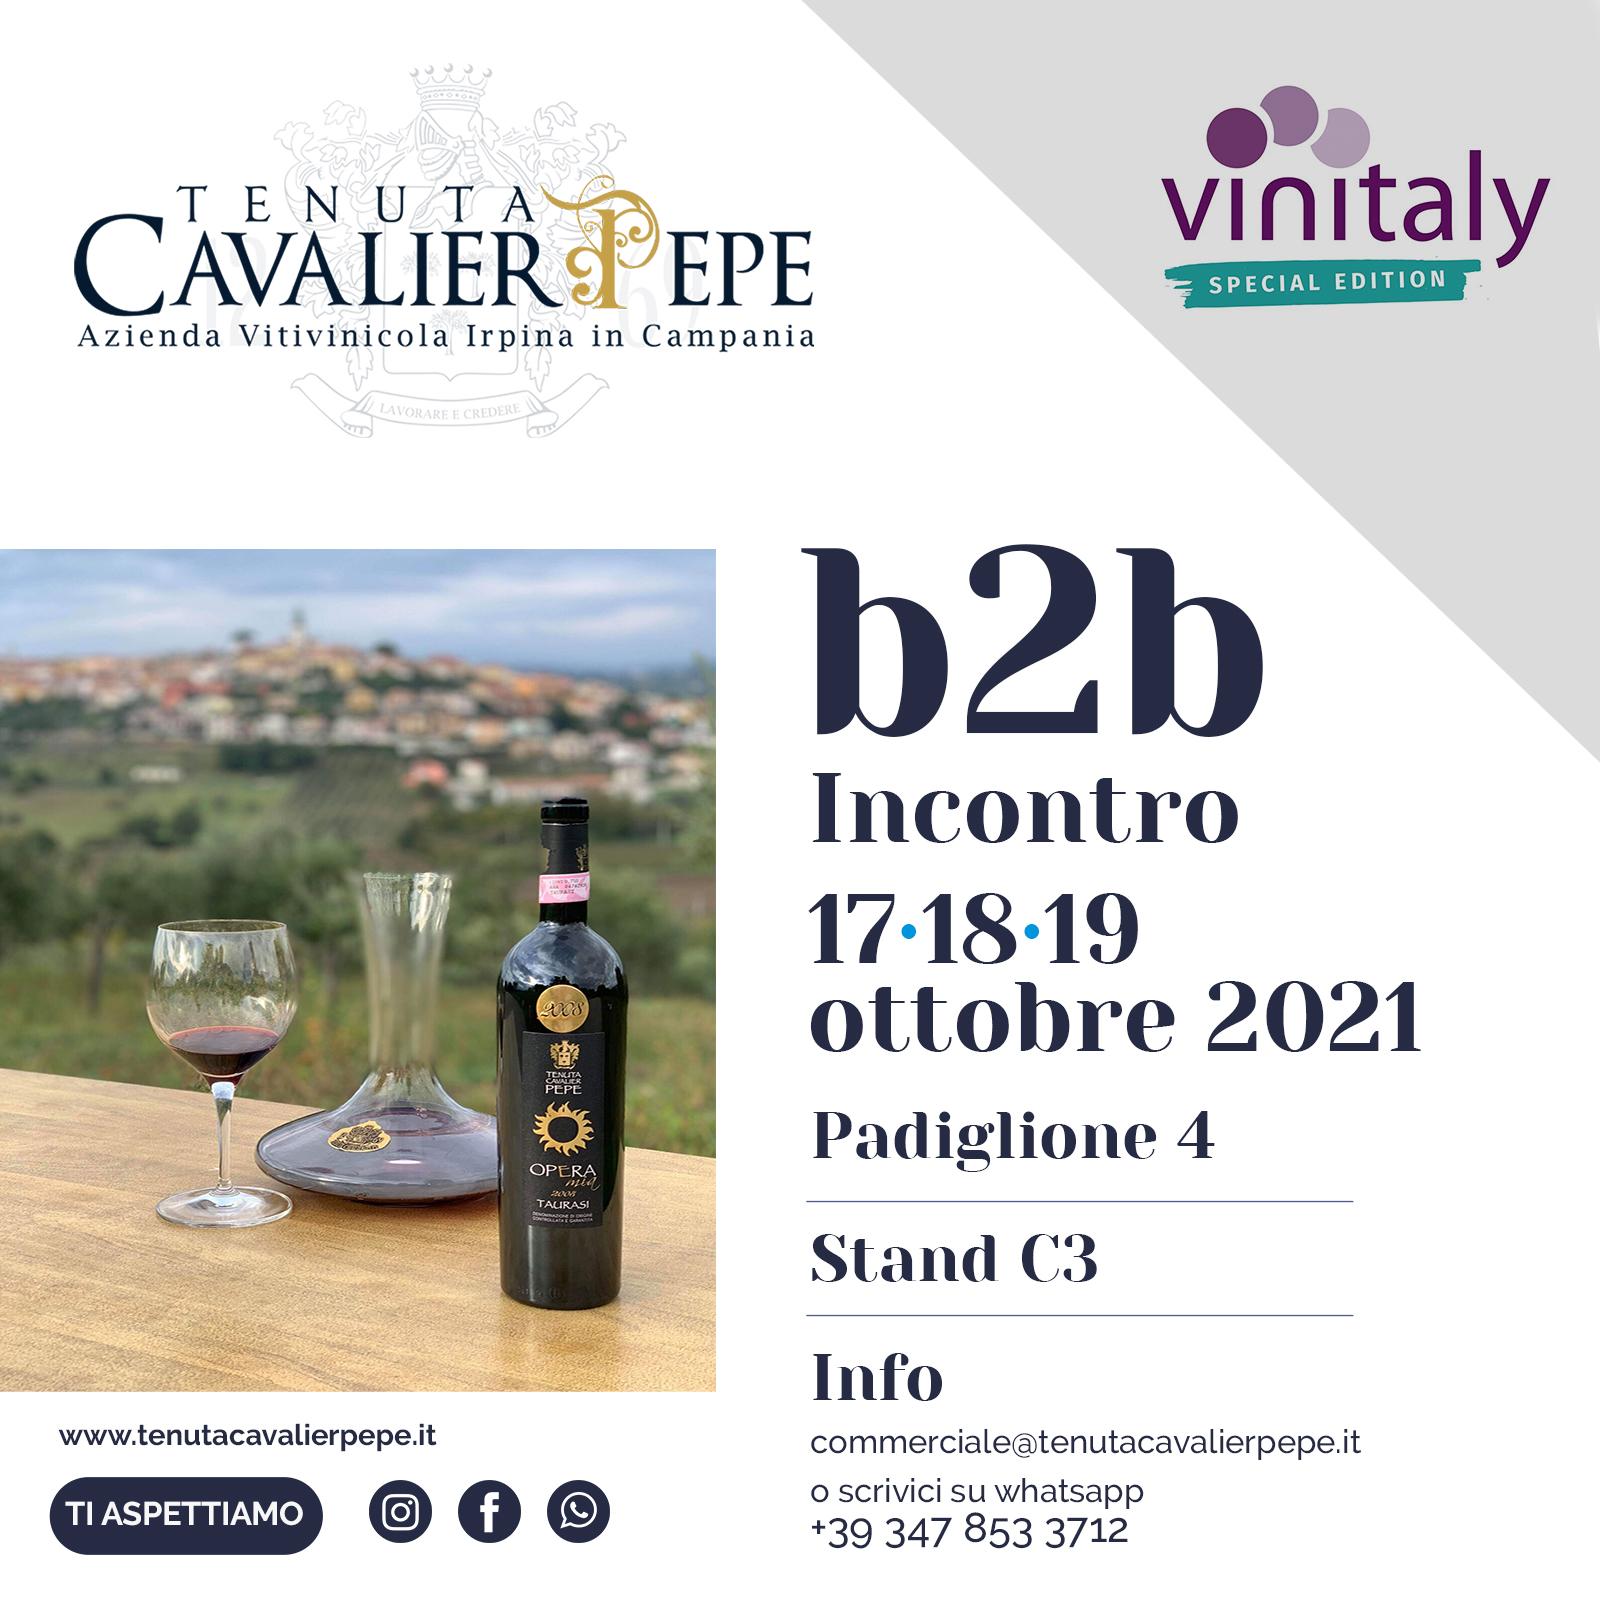 Tenuta Cavalier Pepe partecipa al<br>Vinitaly Special Edition dal 17 al 19 ottobre 2021